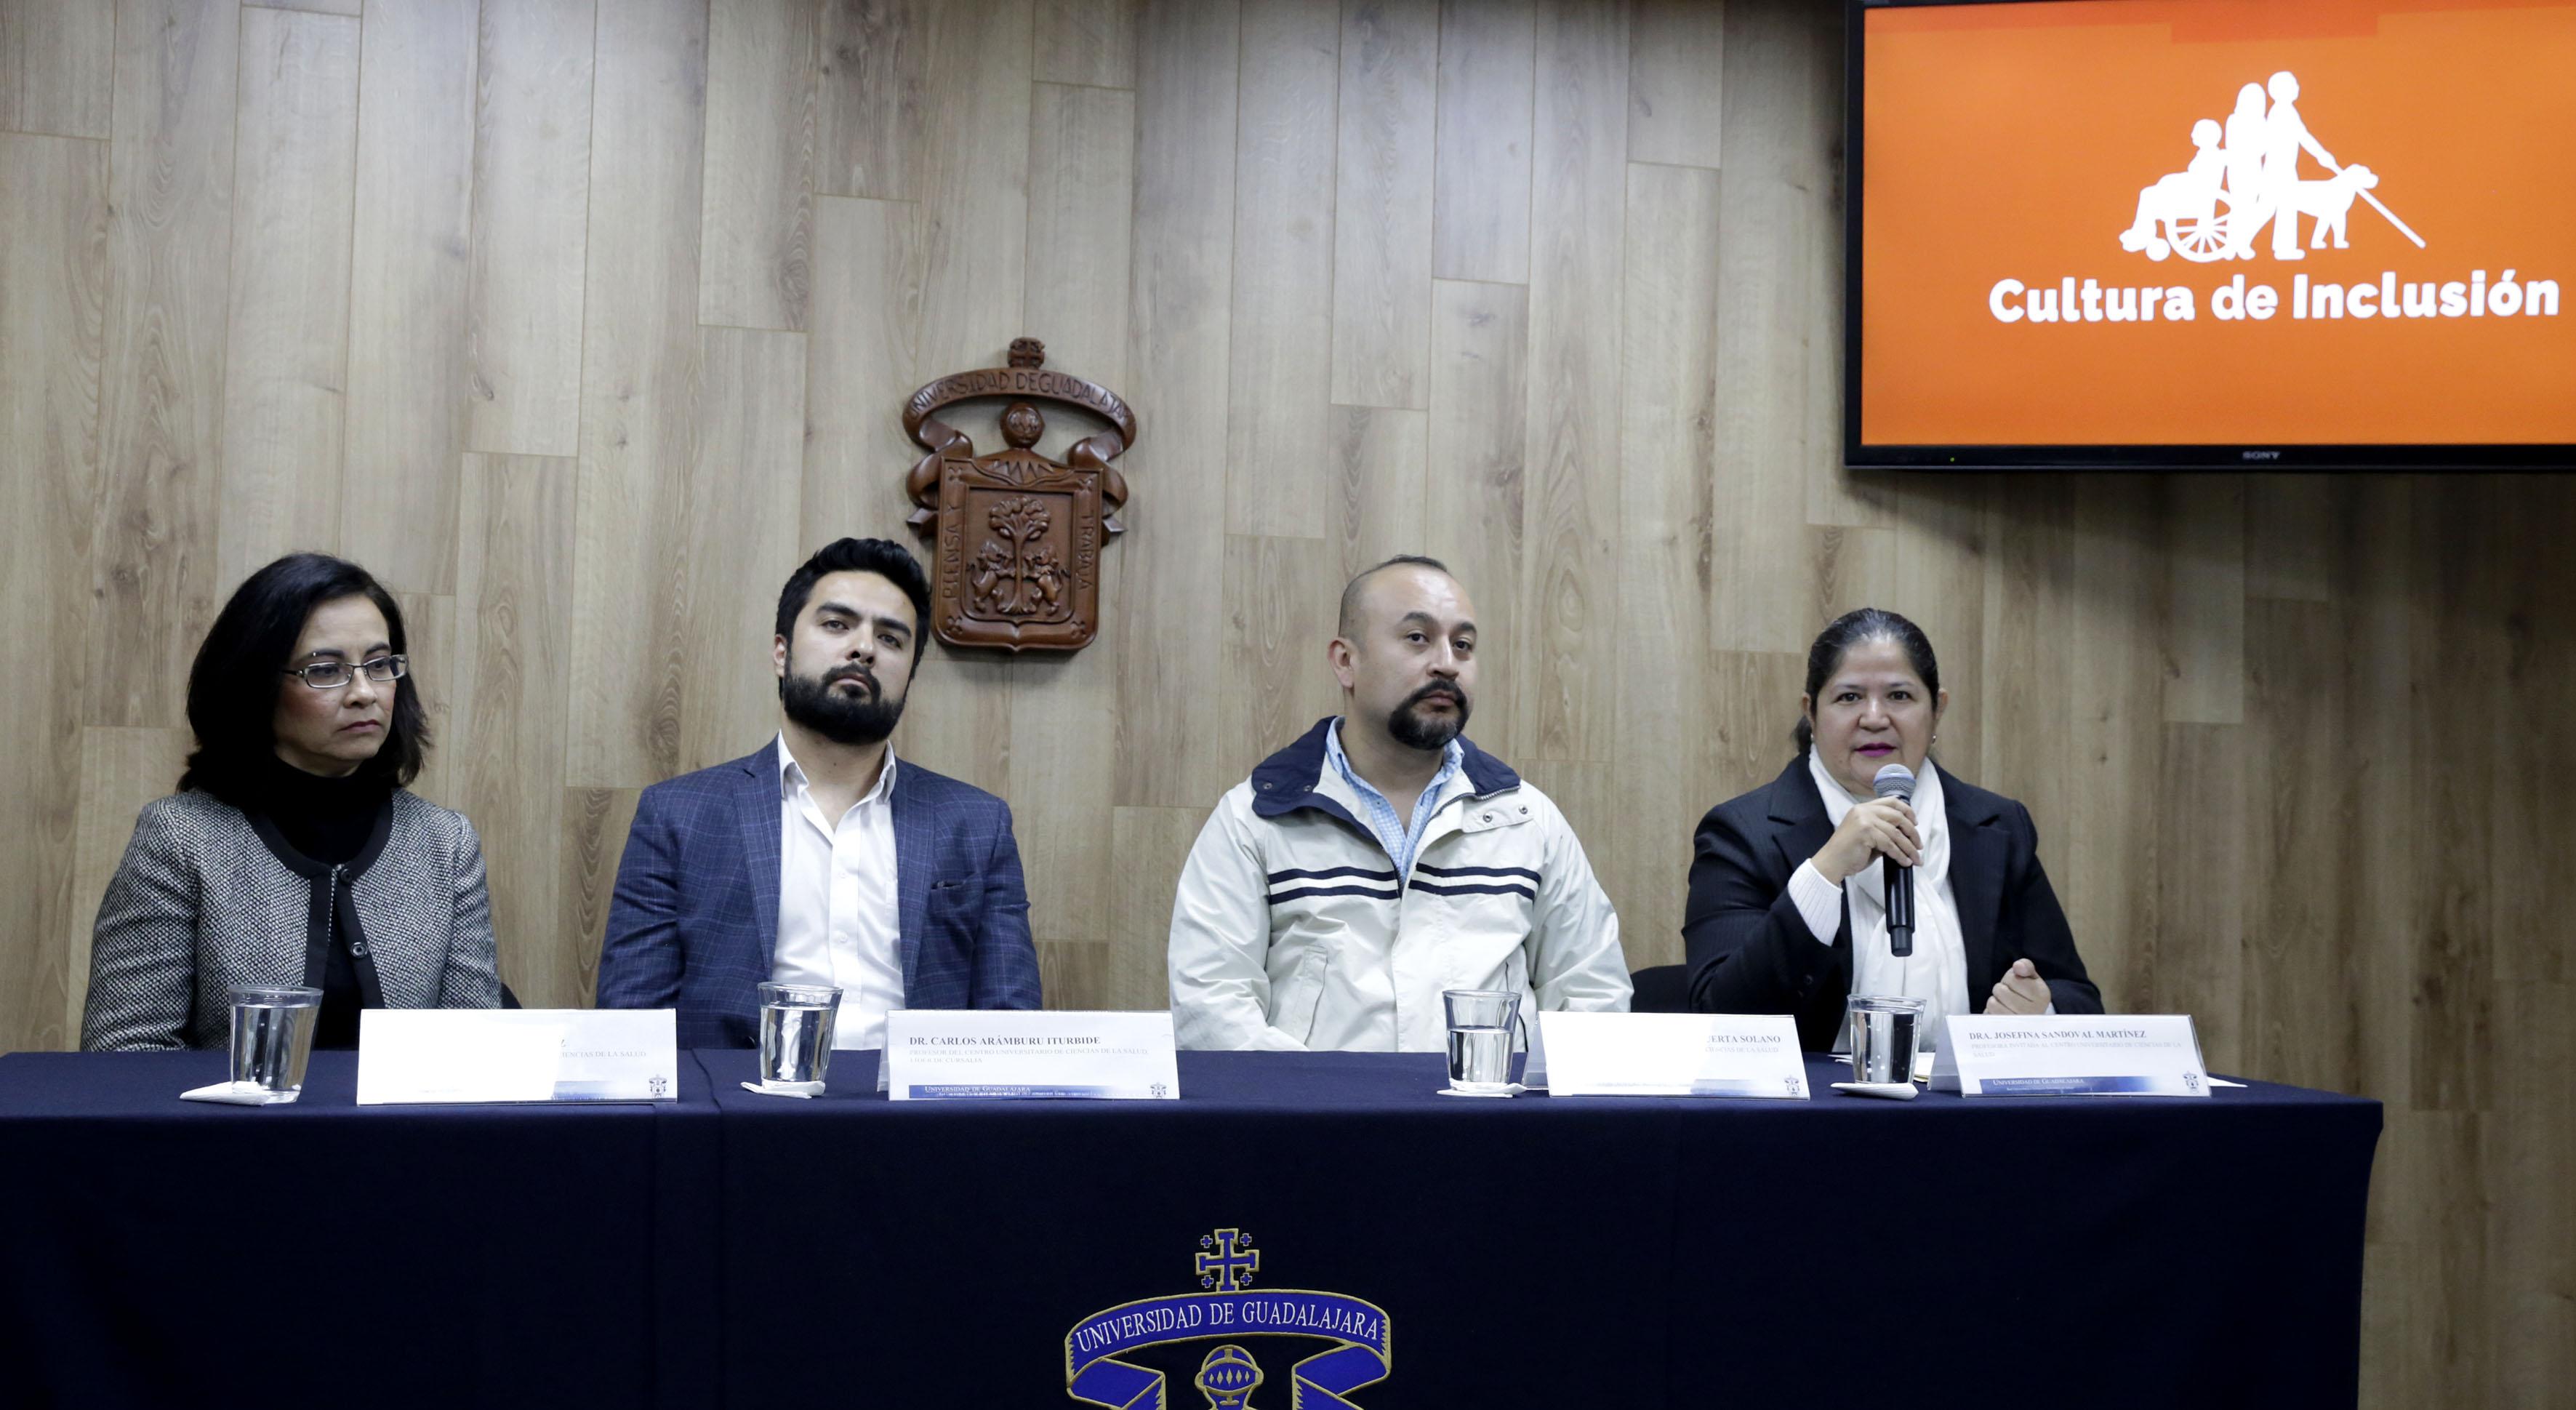 Dra. Josefina Sandoval Martínez al micrófono en rueda de prensa y miembros del presídium